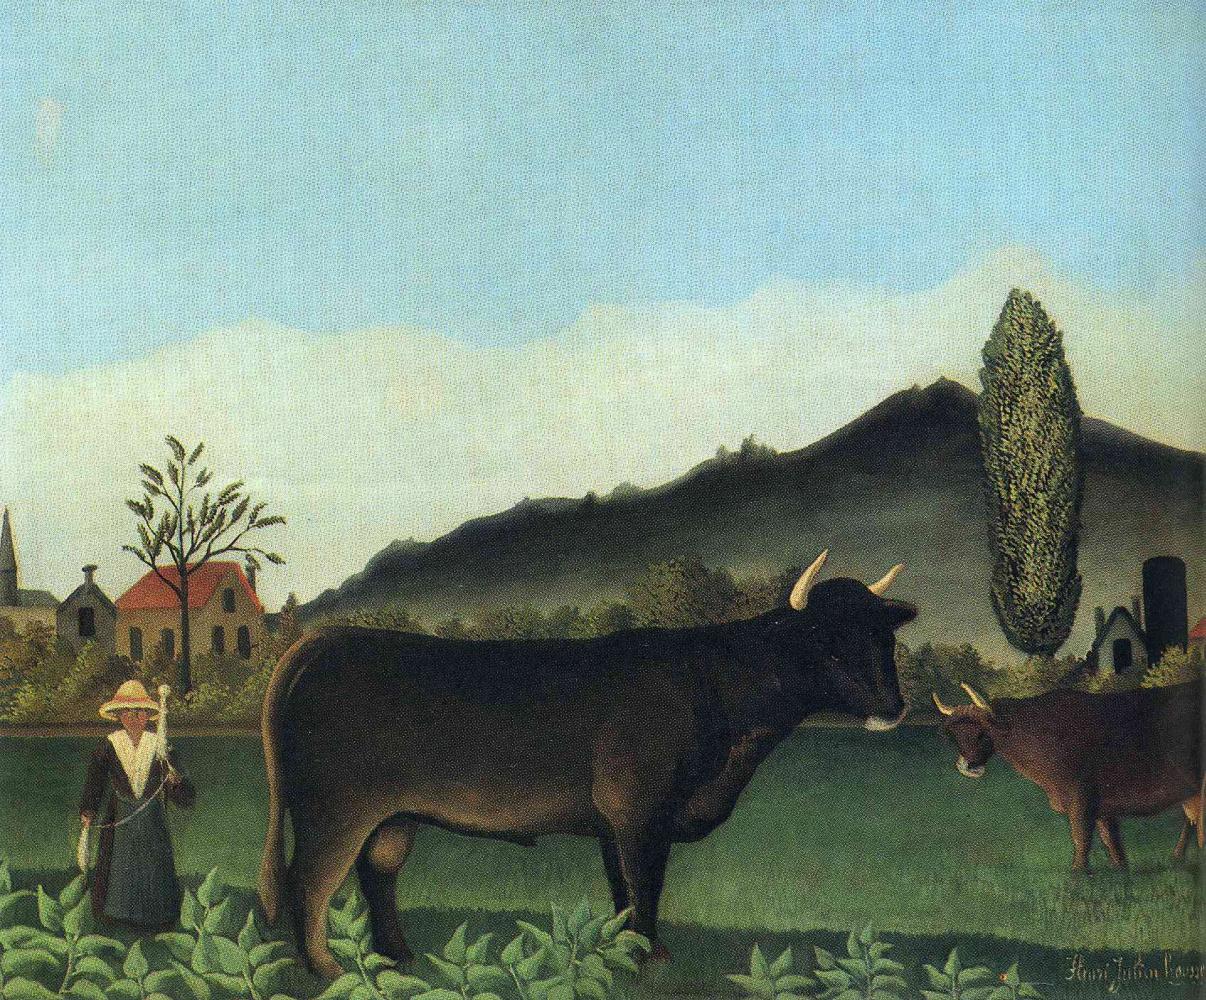 Henri Rousseau. Landscape with cow